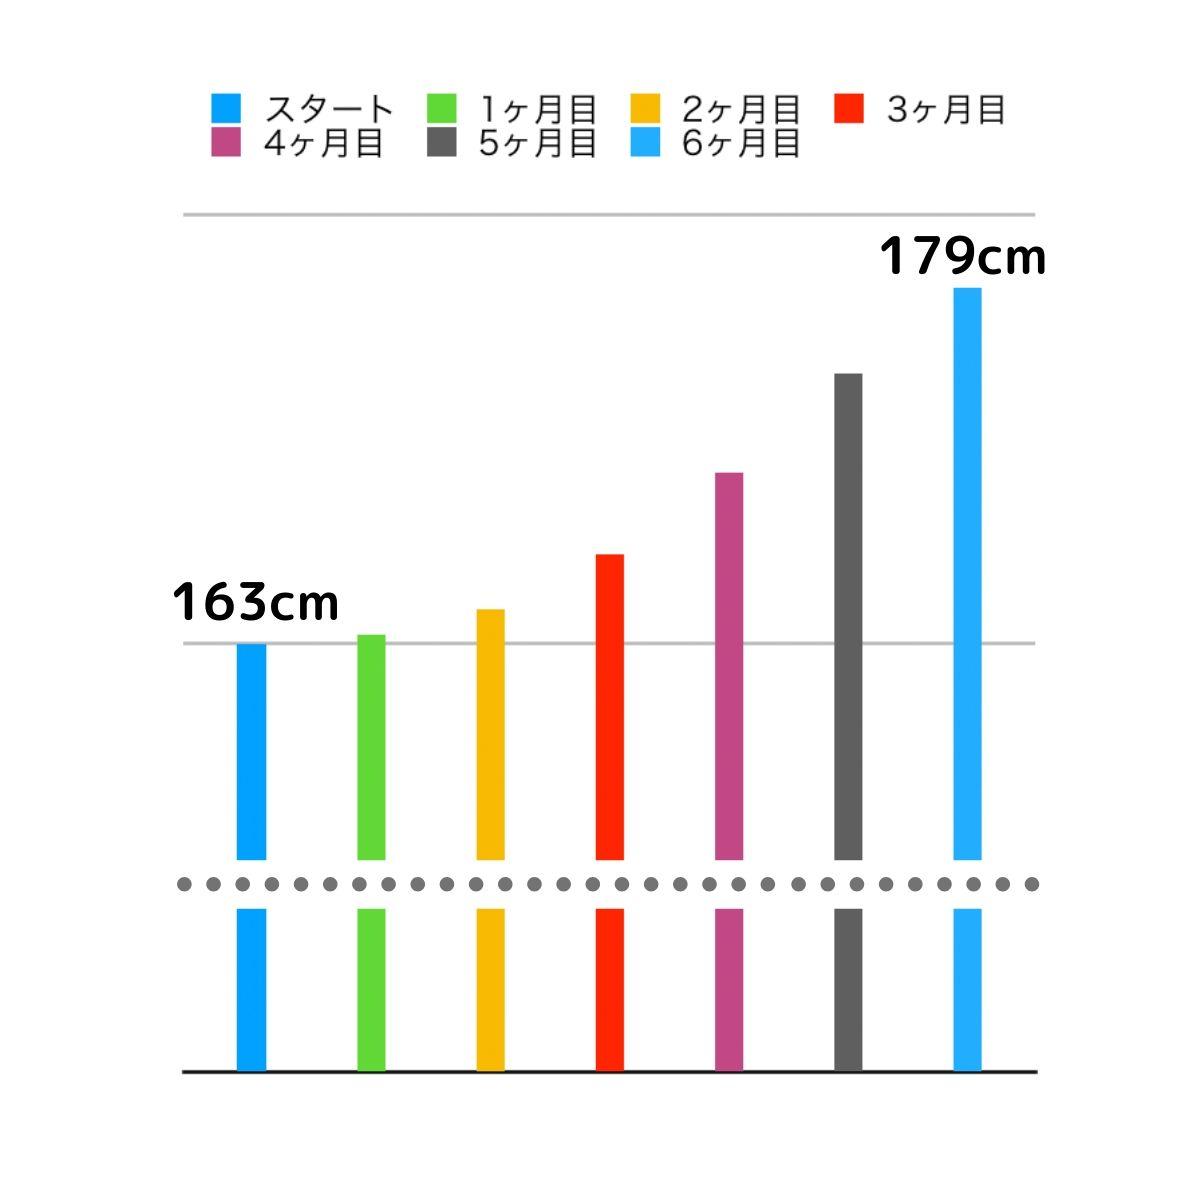 大学生や大人が身長を伸ばす方法